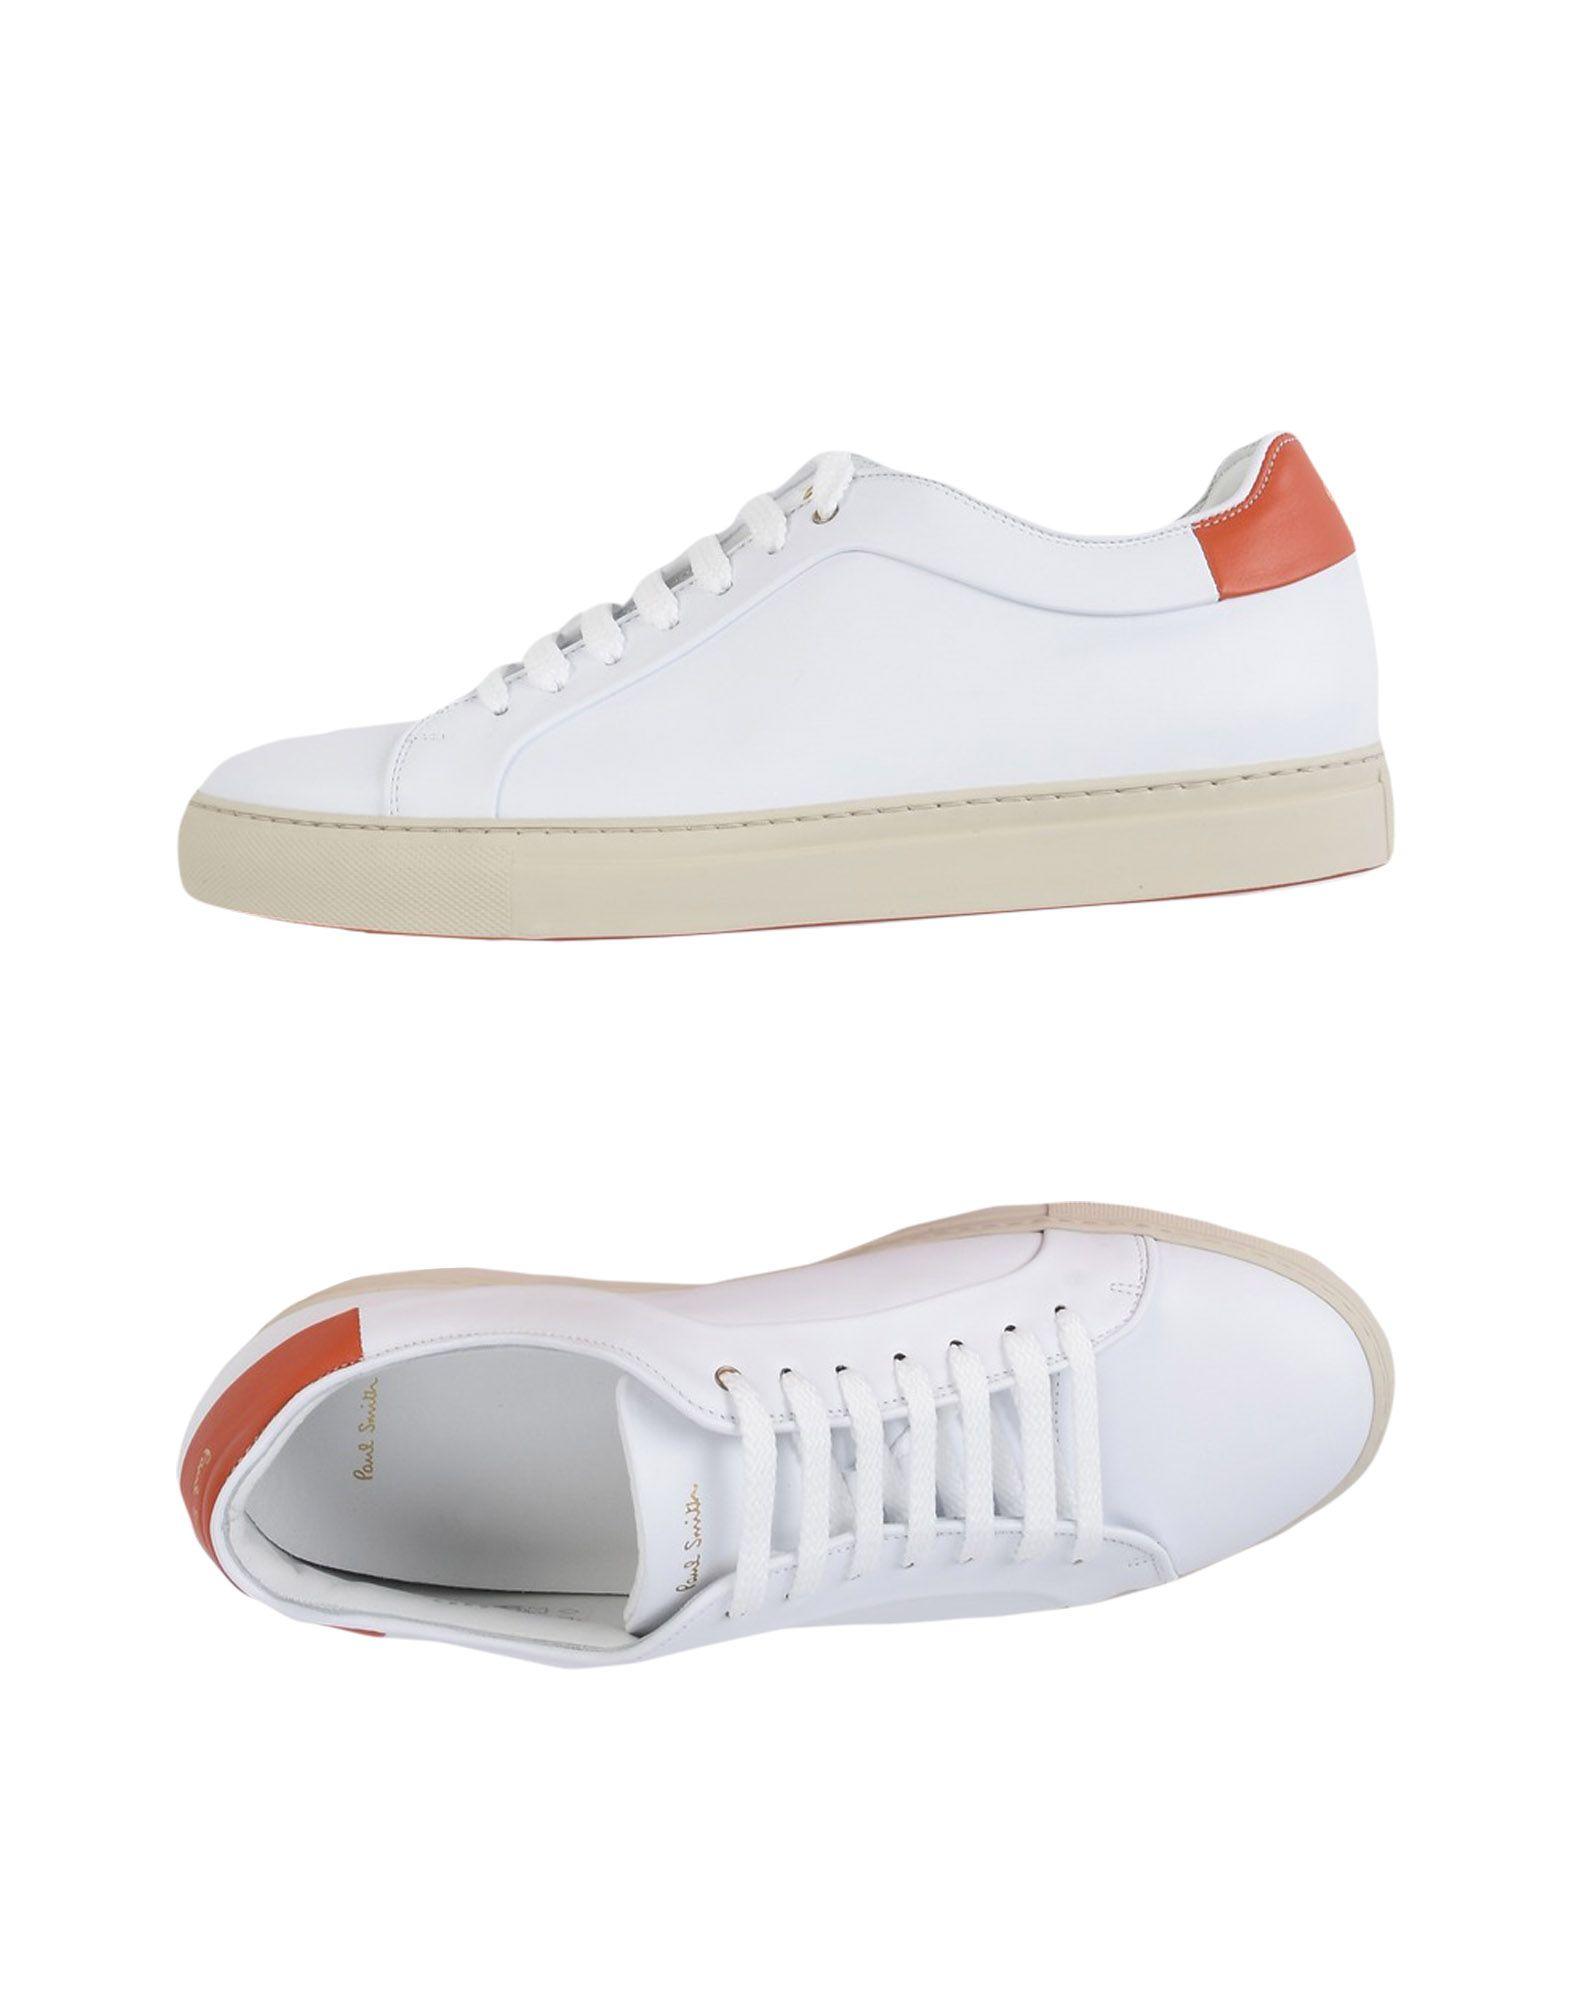 Sneakers Guess Donna - 11505985GK Scarpe economiche e buone